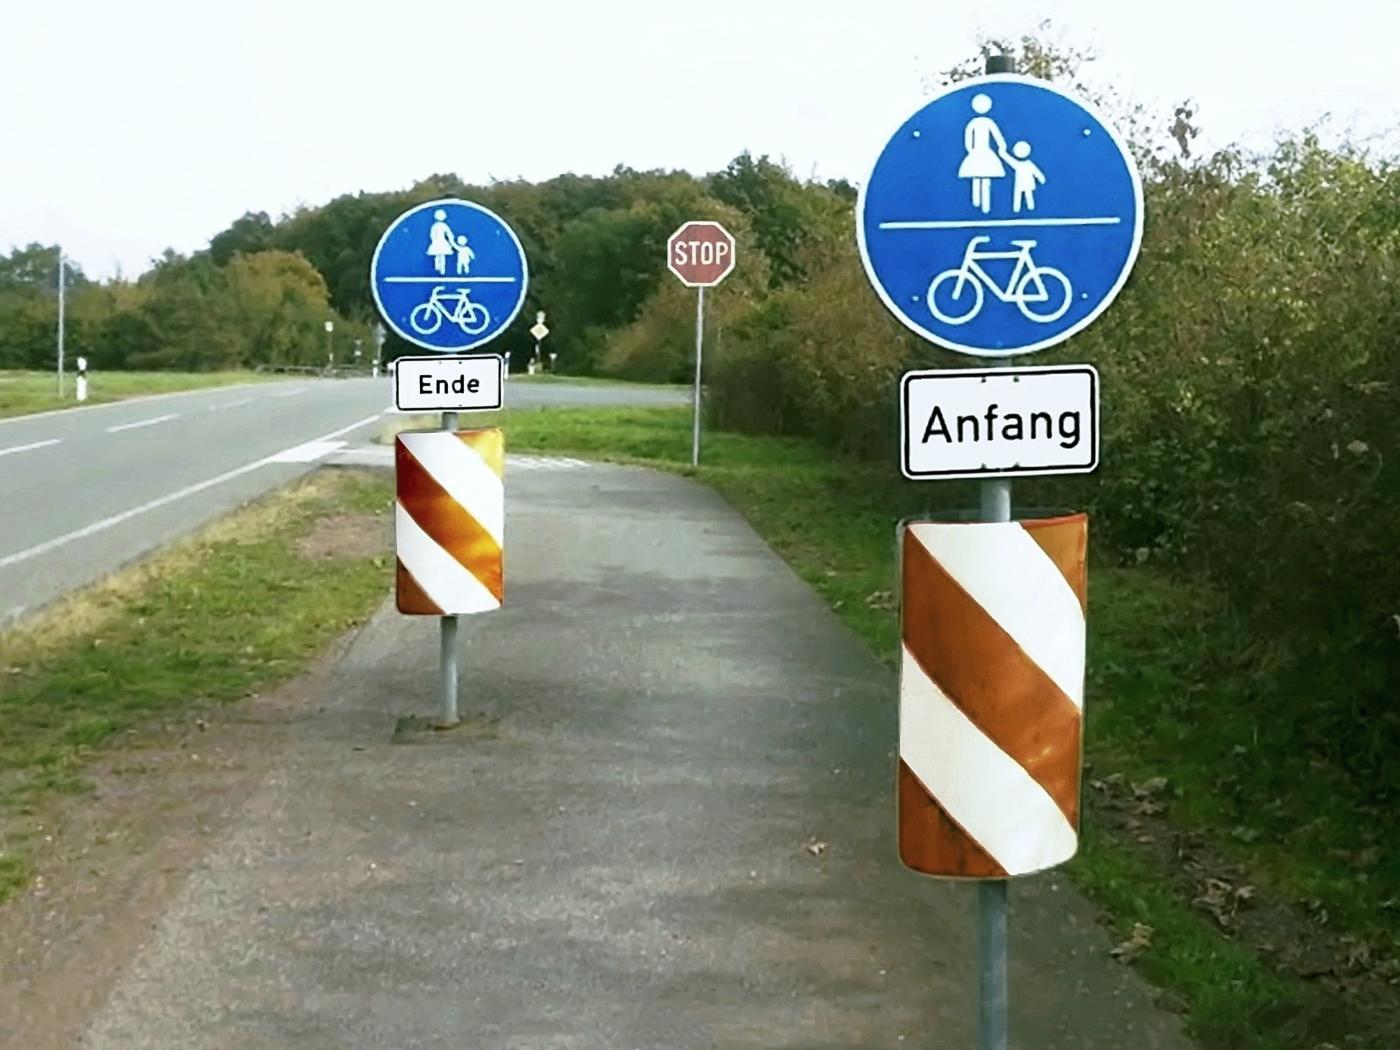 Der kürzeste Geh-/Radweg Deutschlands?